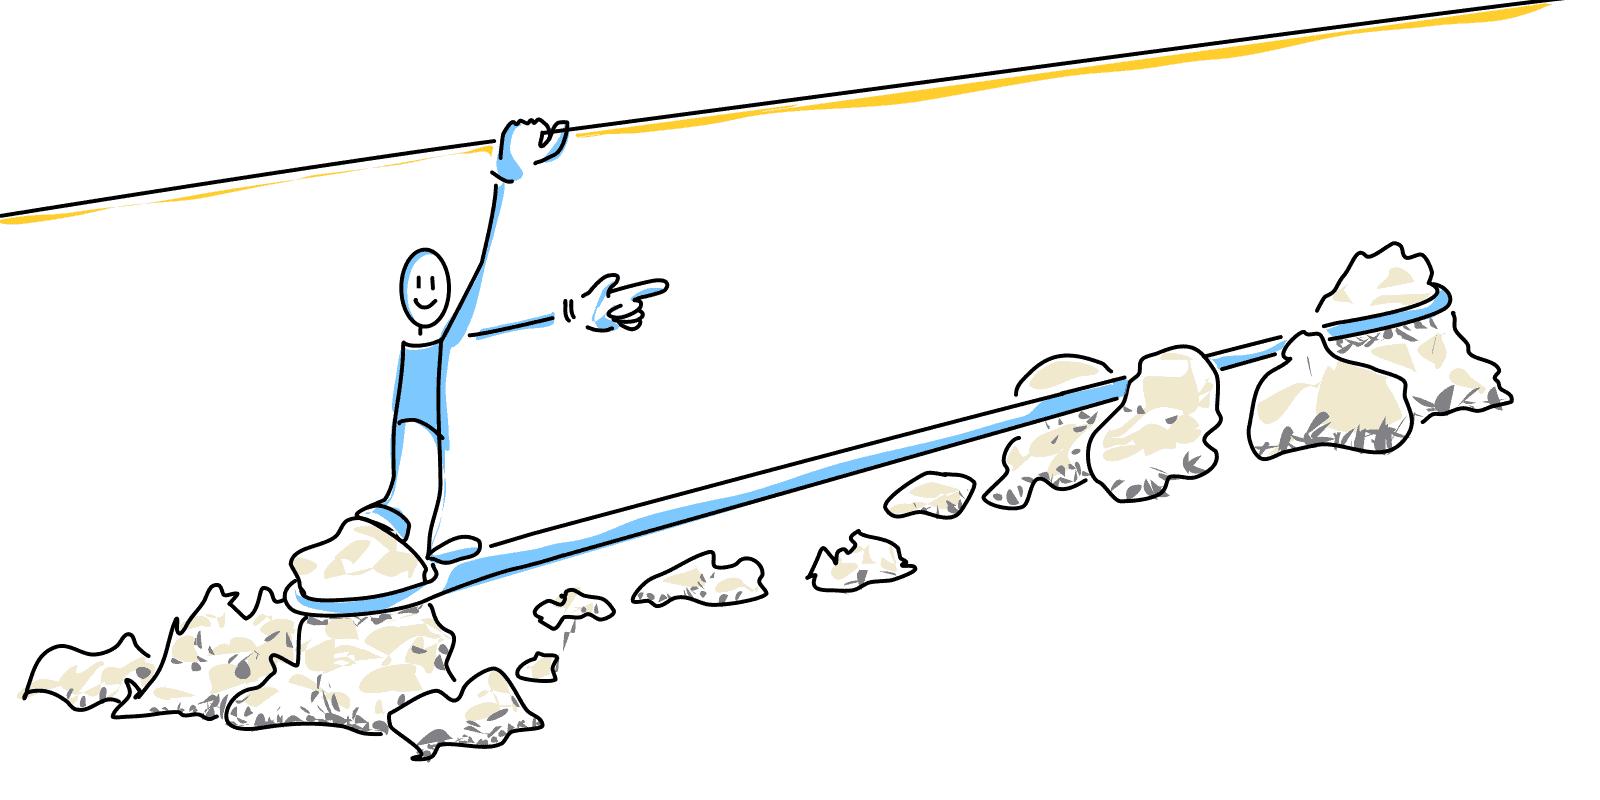 Ziel erreichen. Freude am Weg zum Ziel. Mensch auf Seil hält sich an Seil oben fest, spitze Steine darunter.